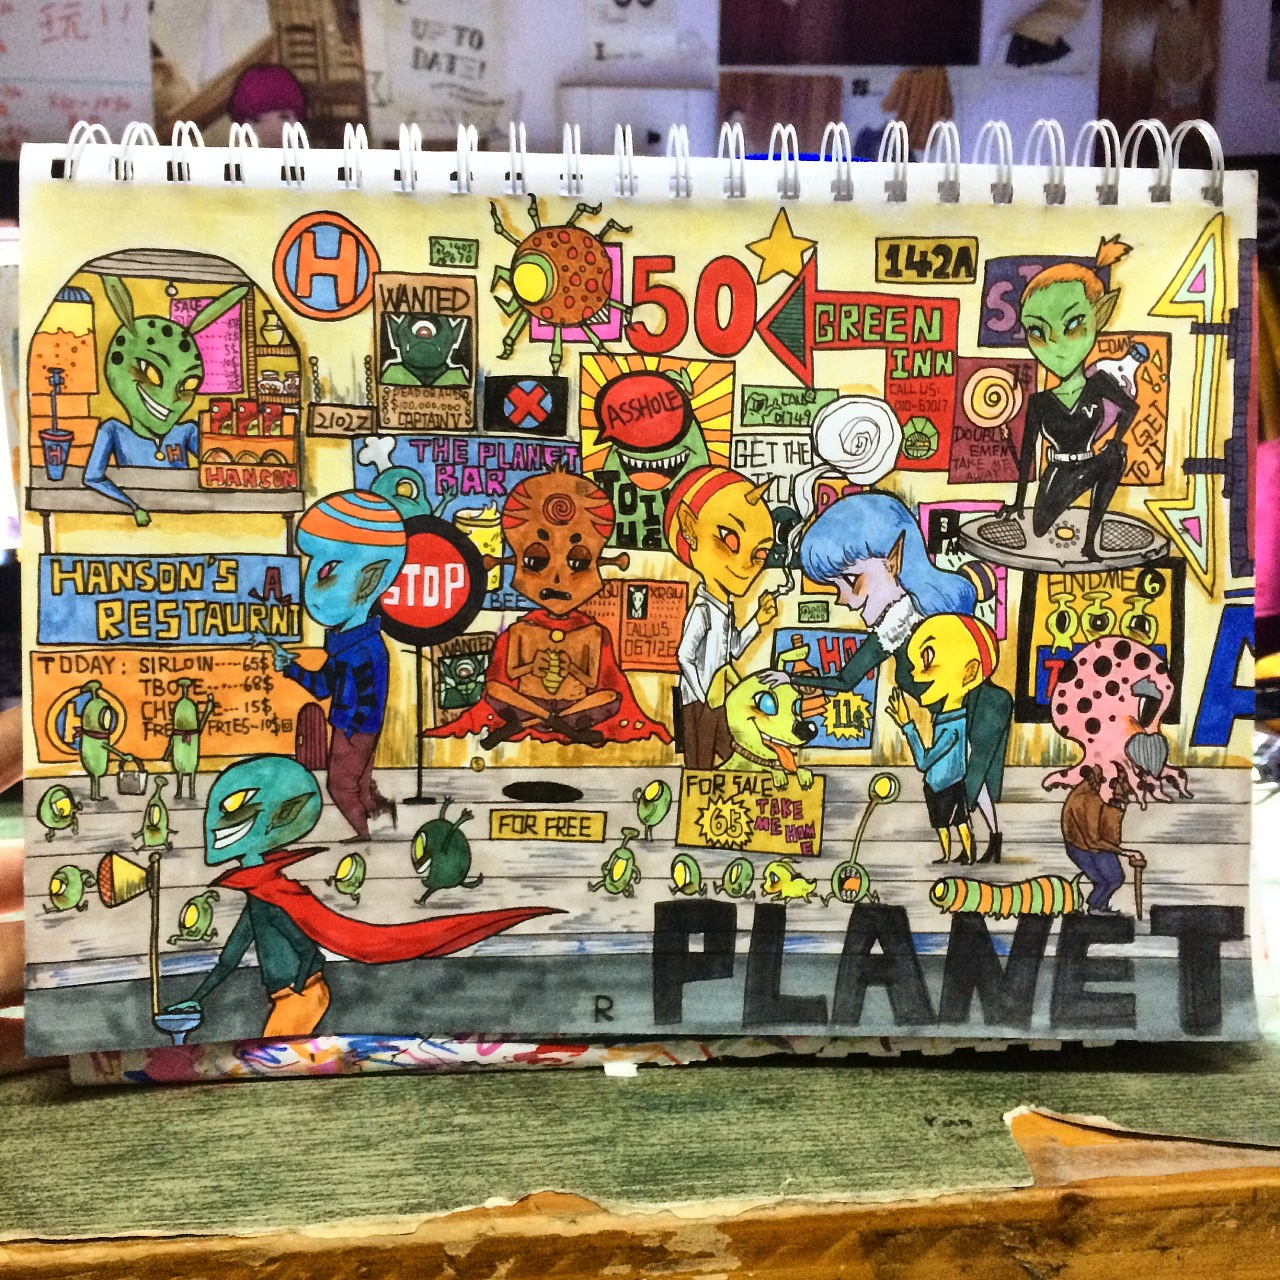 马克笔手绘练习|插画|商业插画|r_yh0 - 原创作品